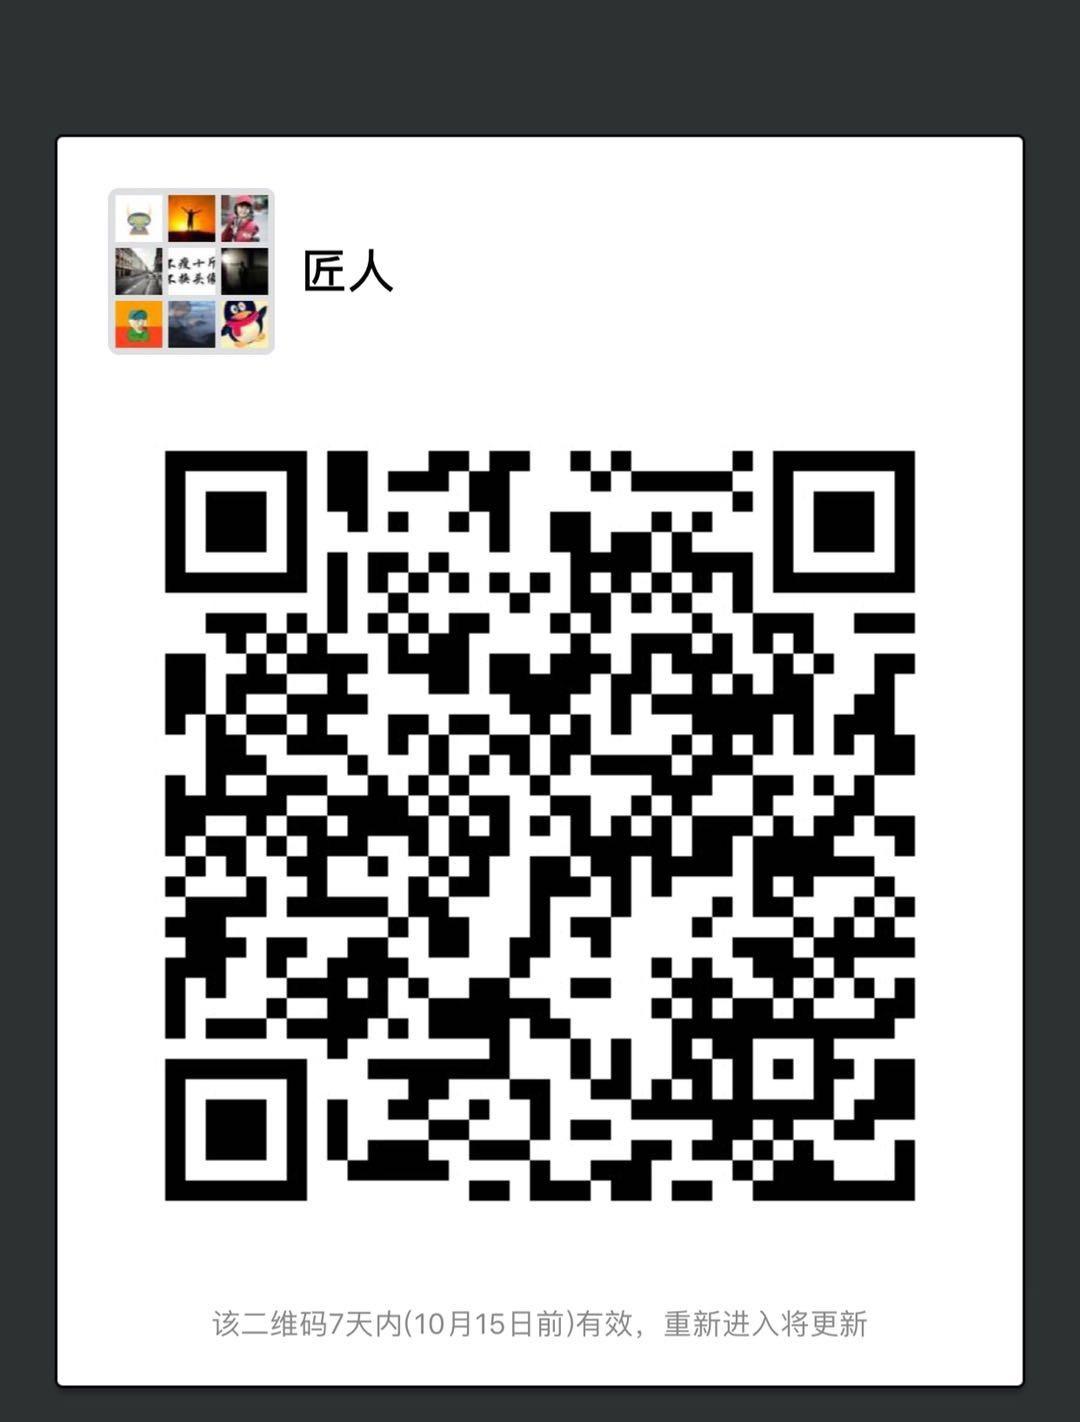 微信图片_20181008110750.jpg